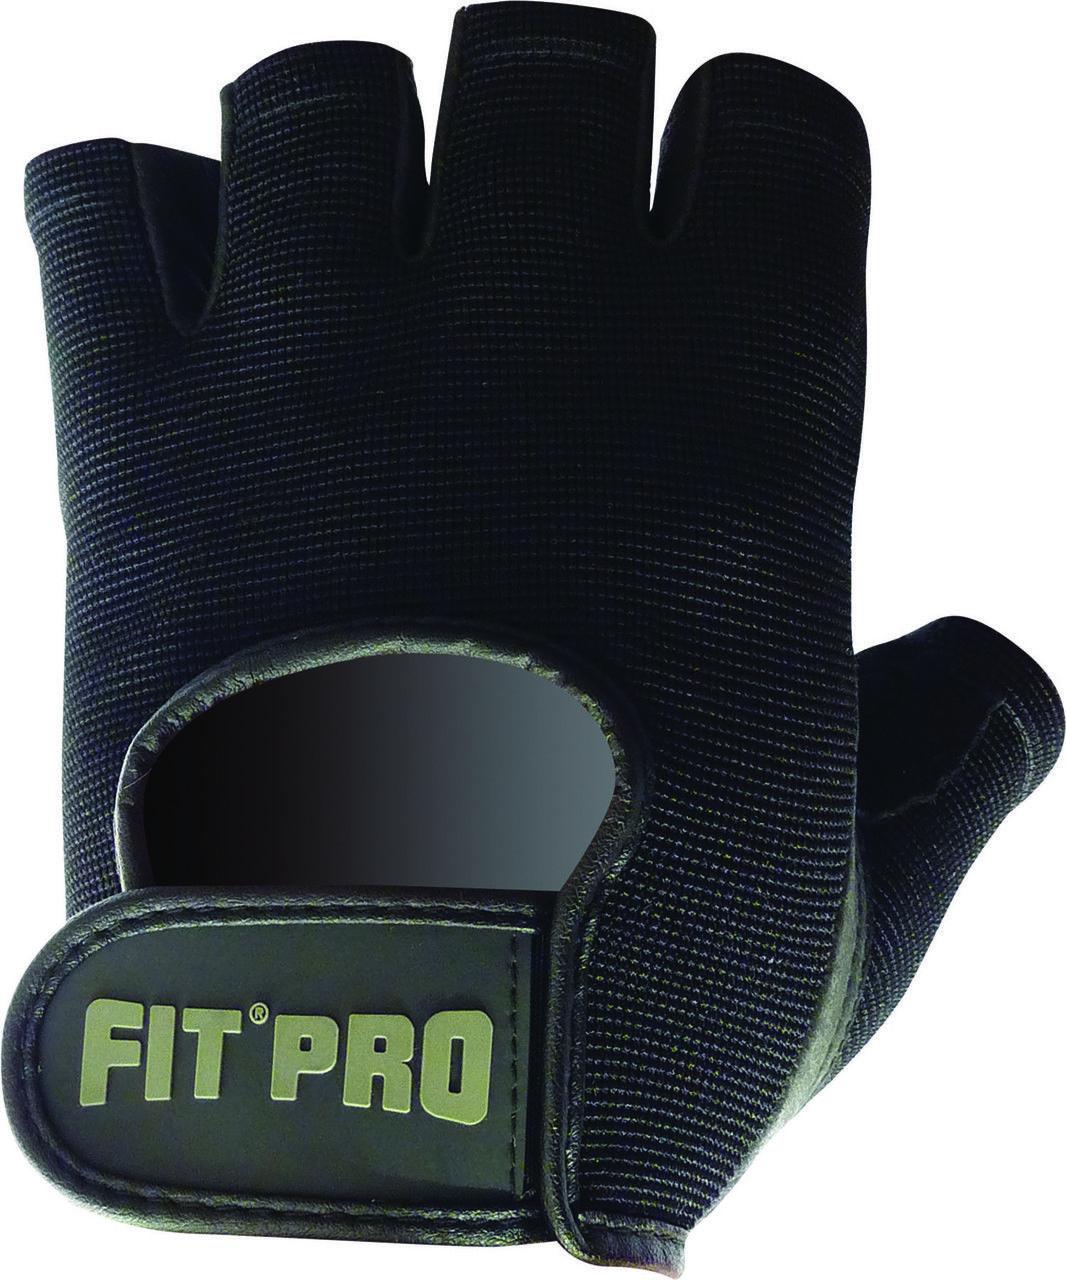 Перчатки для кроссфита Power System FP-07 B1 Pro фото видео изображение